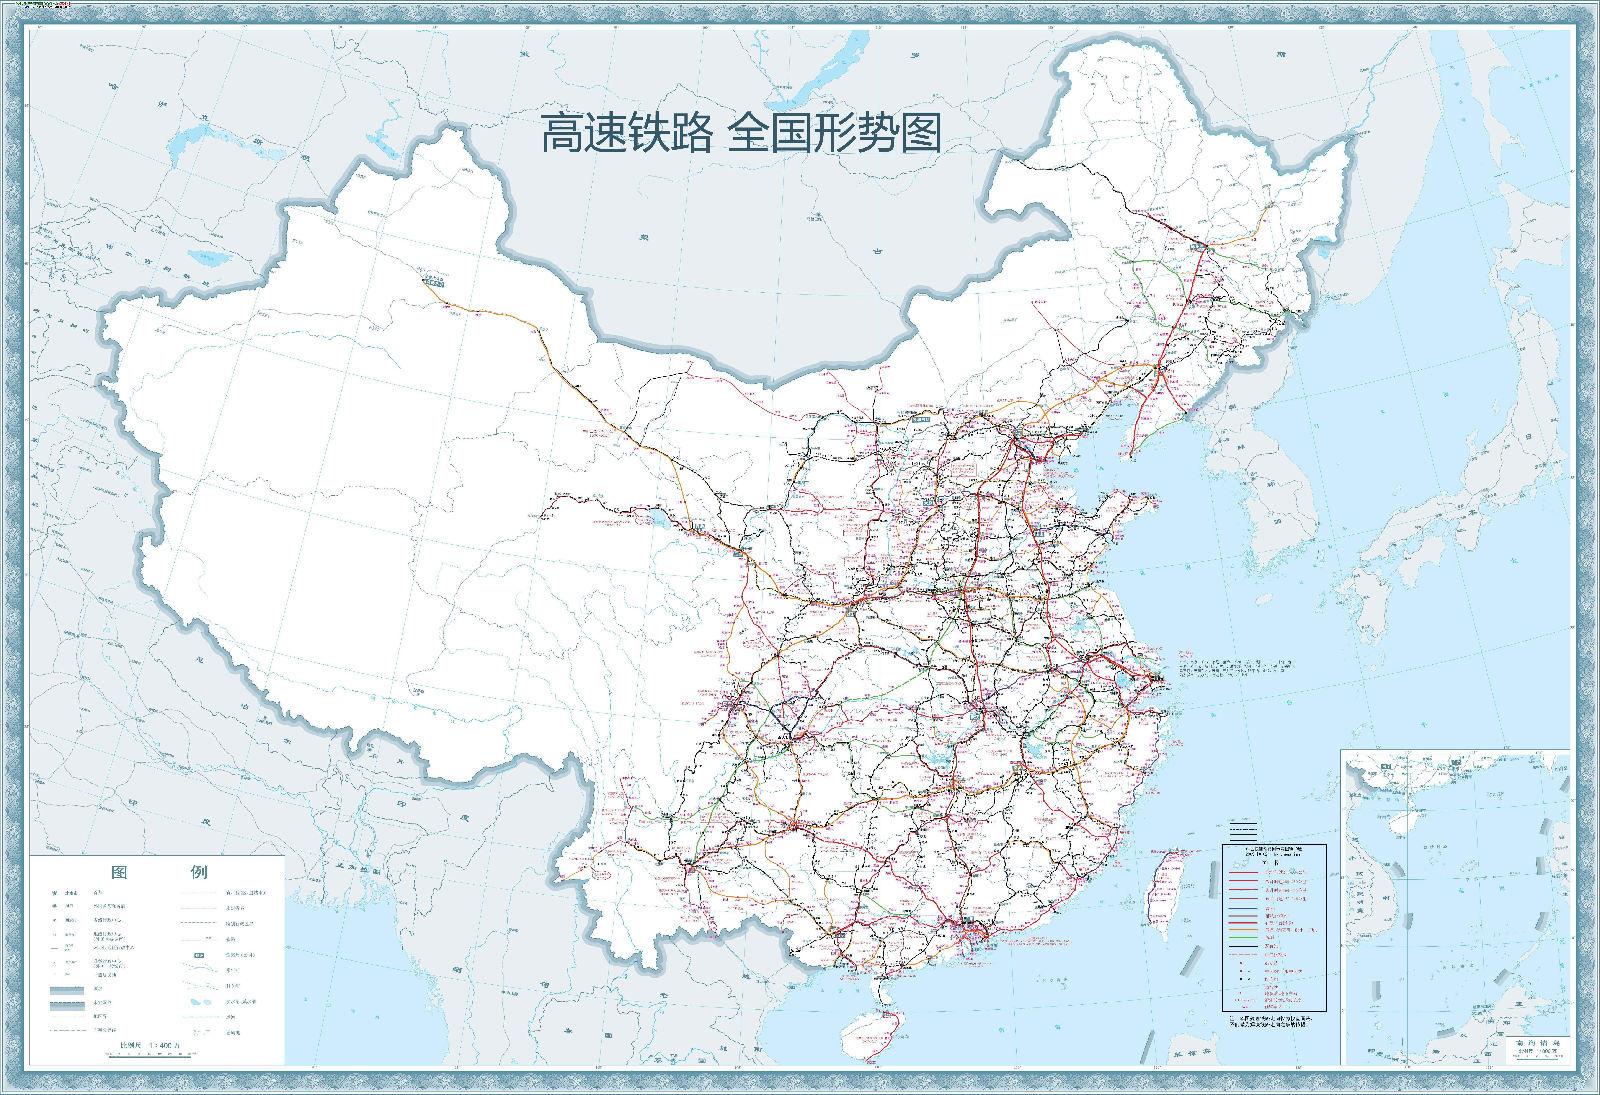 调图同样使铁路货运能力得到释放,服务也将更加完善.